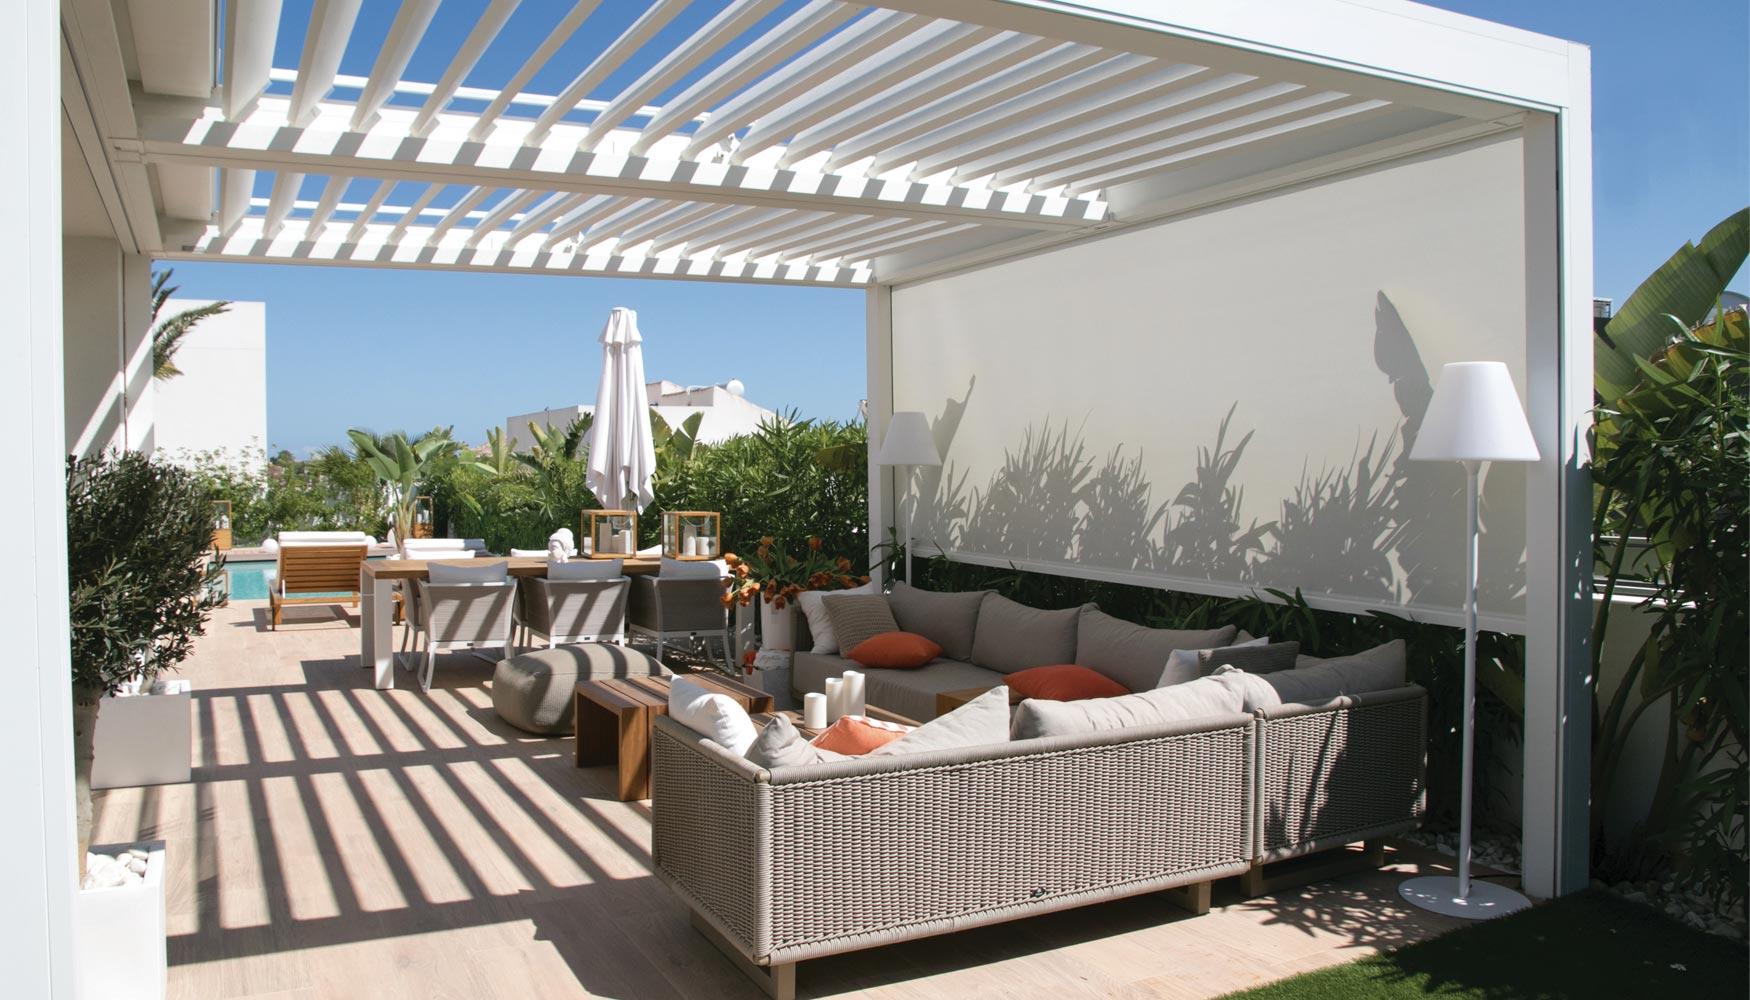 Brustor el poder de un pionero protecci n solar - Cubiertas de terrazas ...